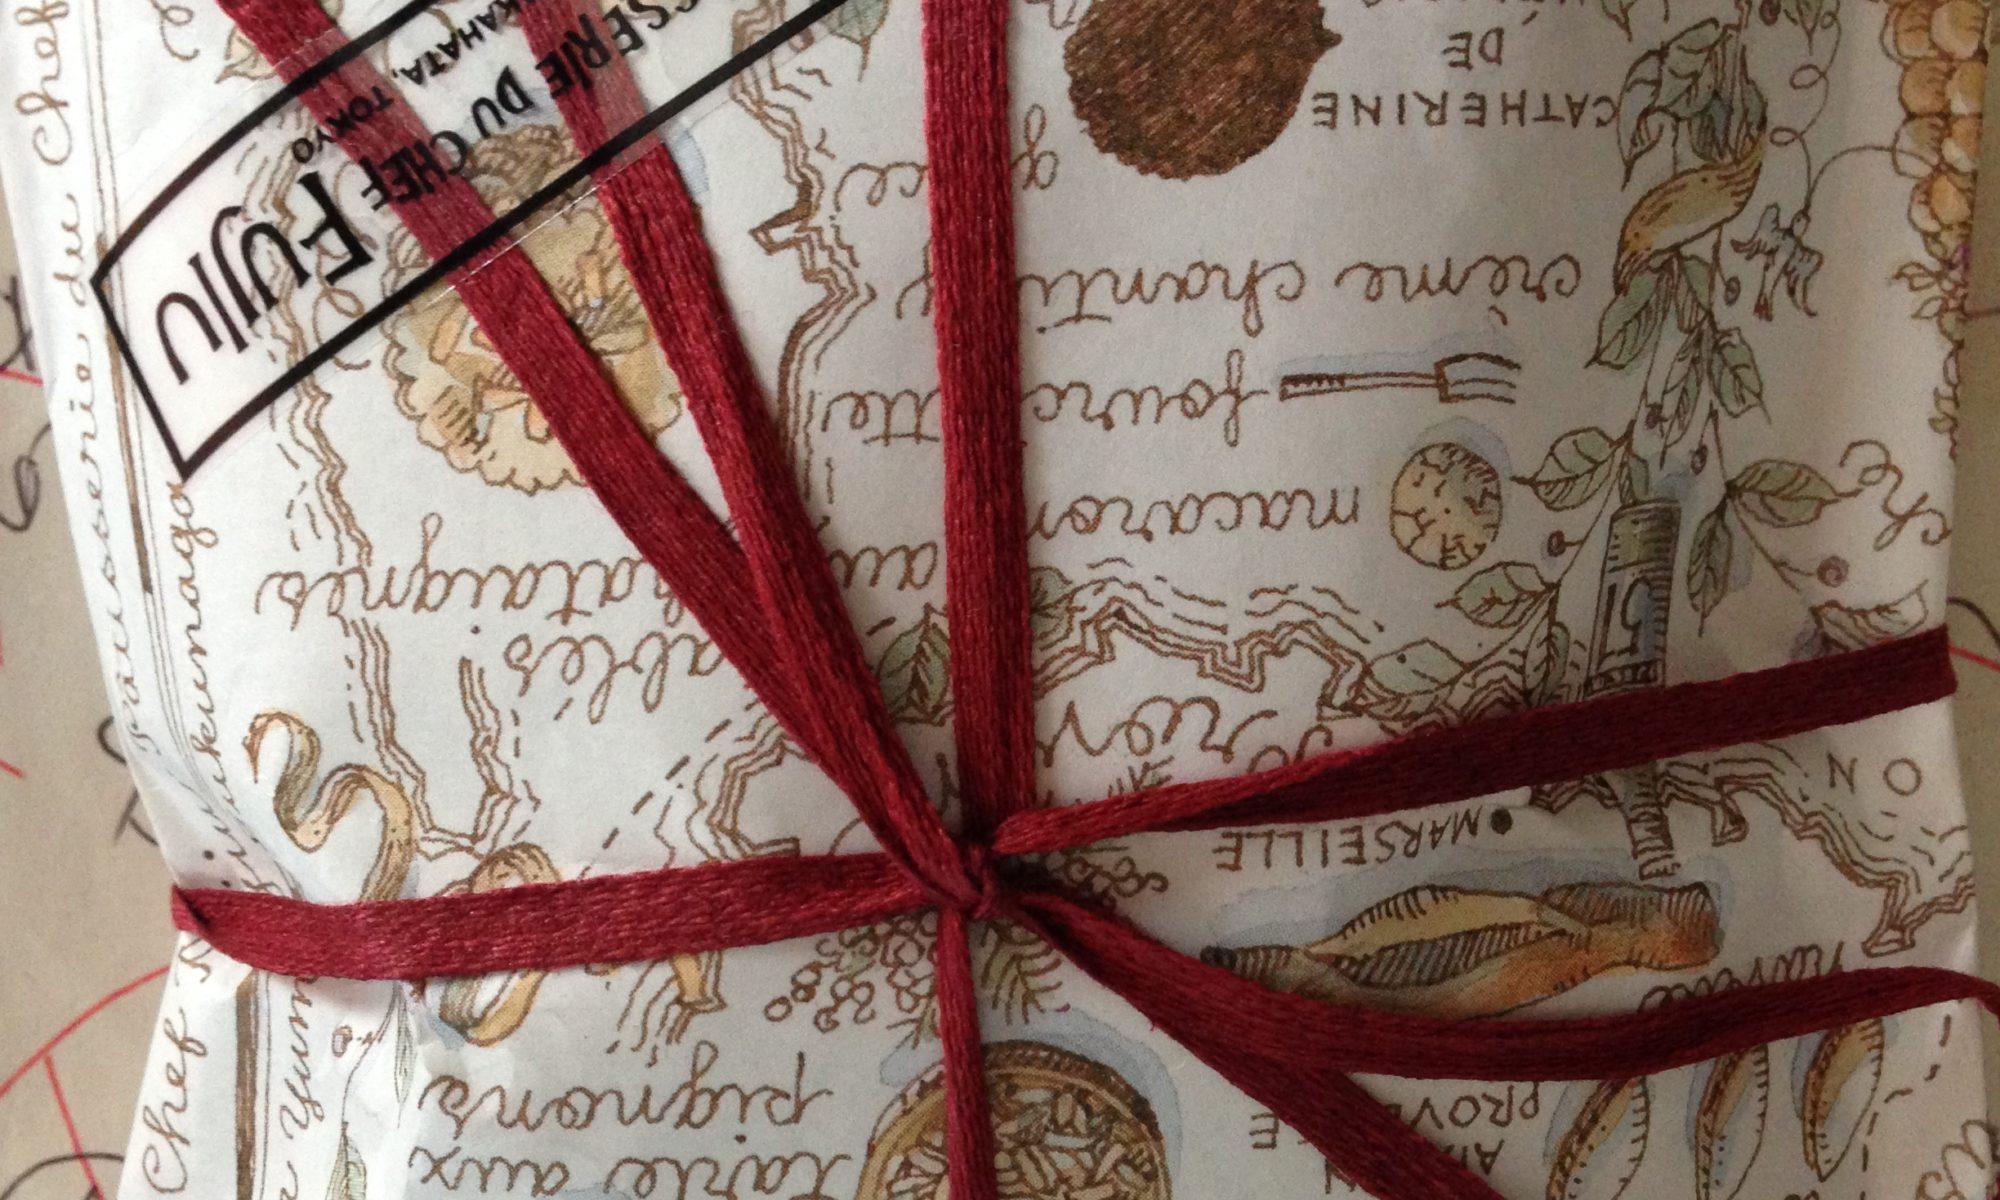 紐のかかった包装紙